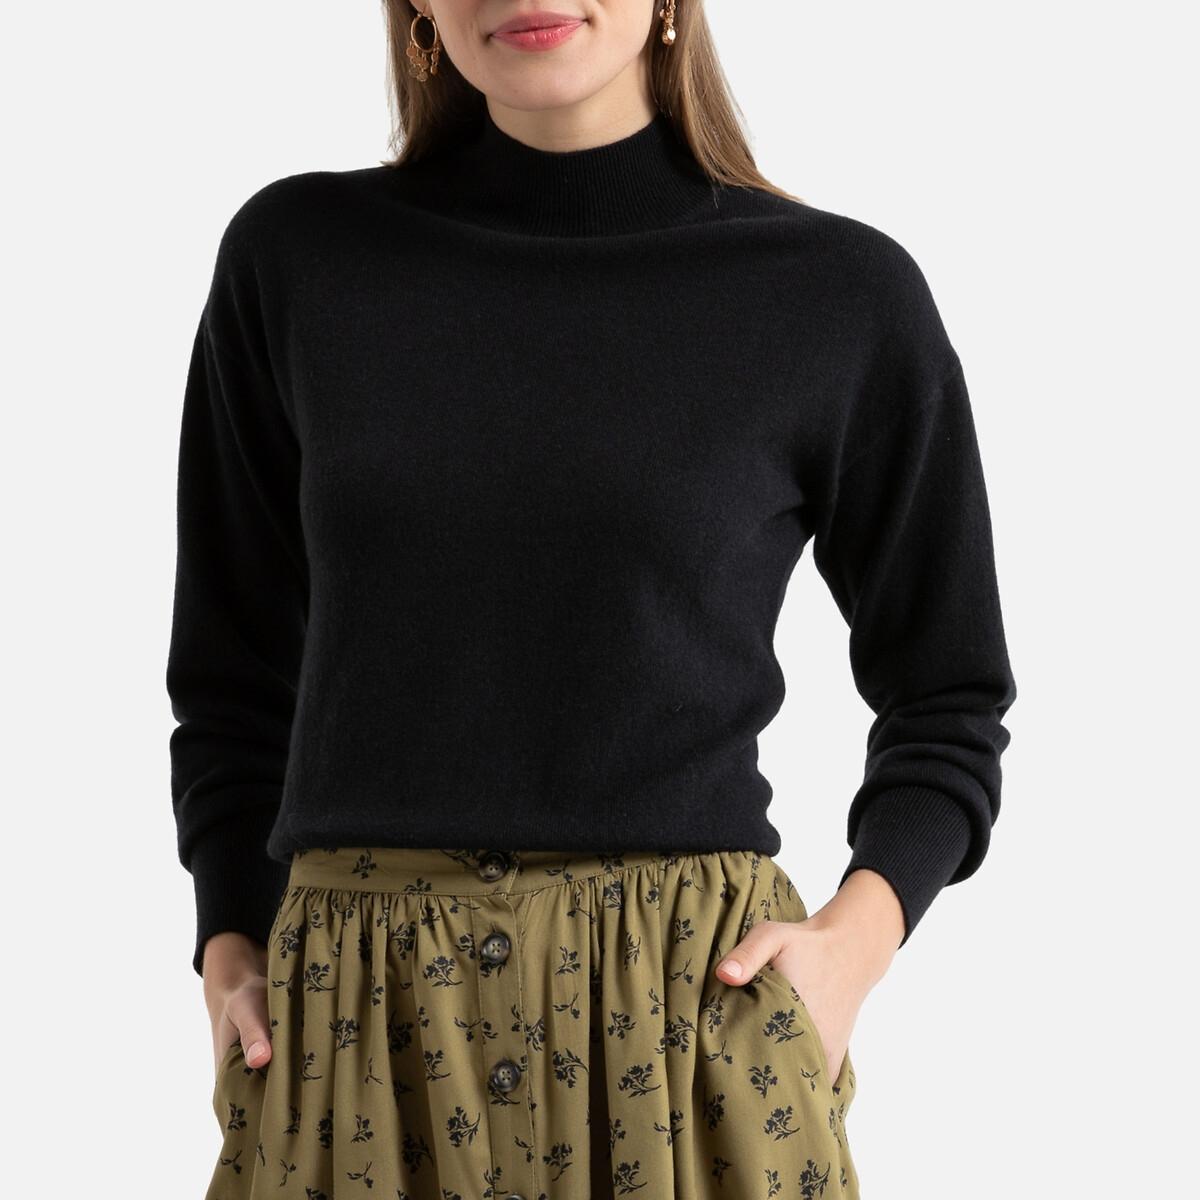 Пуловер La Redoute Из кашемира и шерсти с отворачивающимся воротником L черный